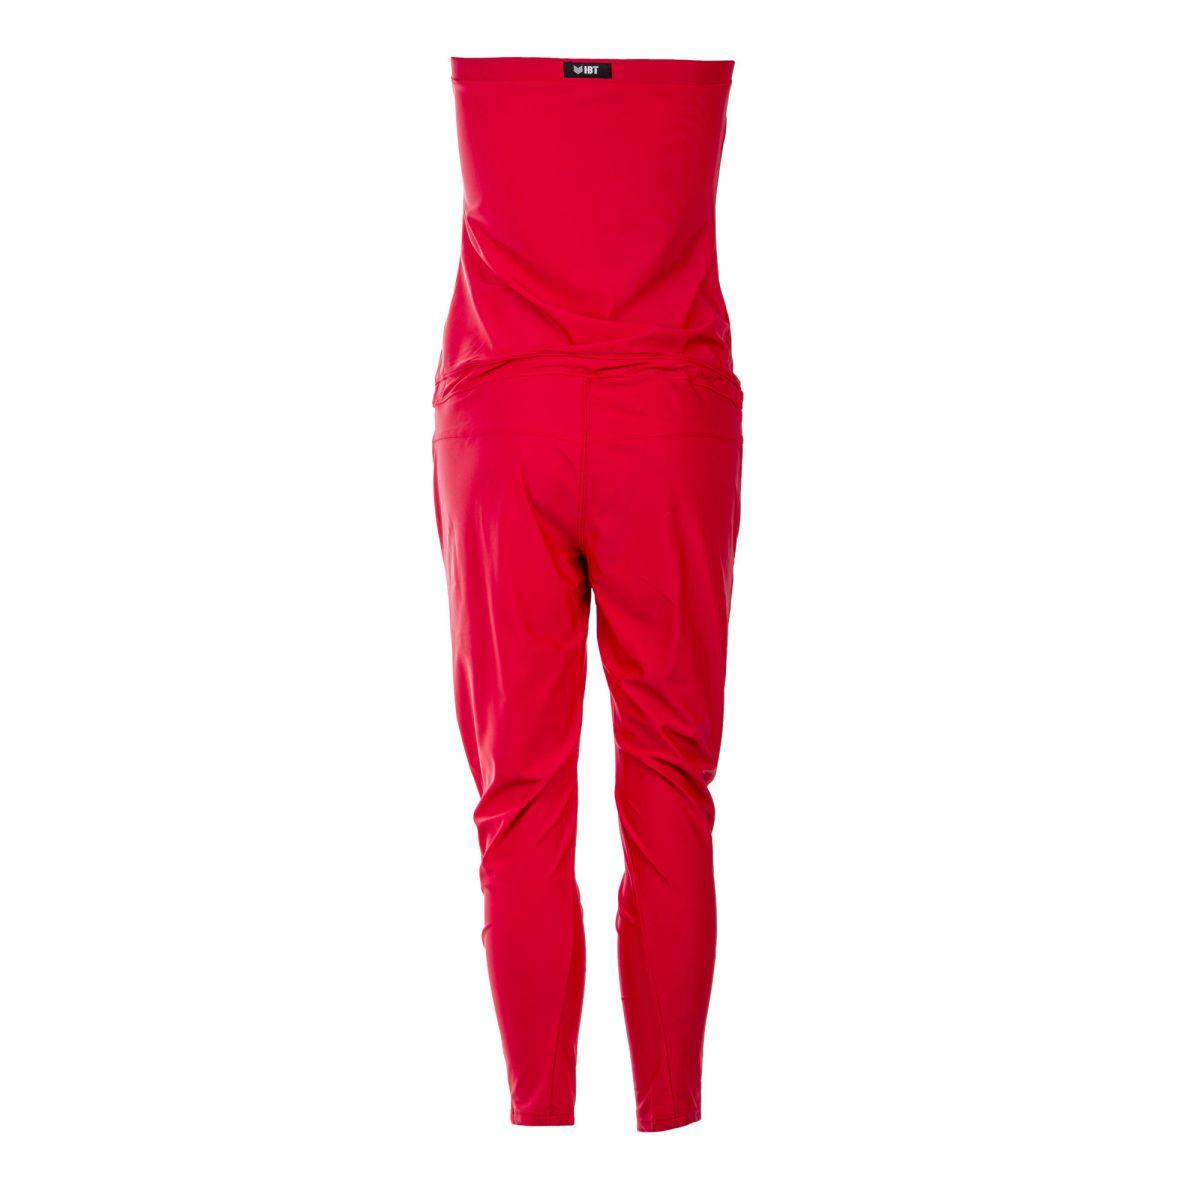 combinaison pantalon bustier polyamide femme hbt prix d griff. Black Bedroom Furniture Sets. Home Design Ideas